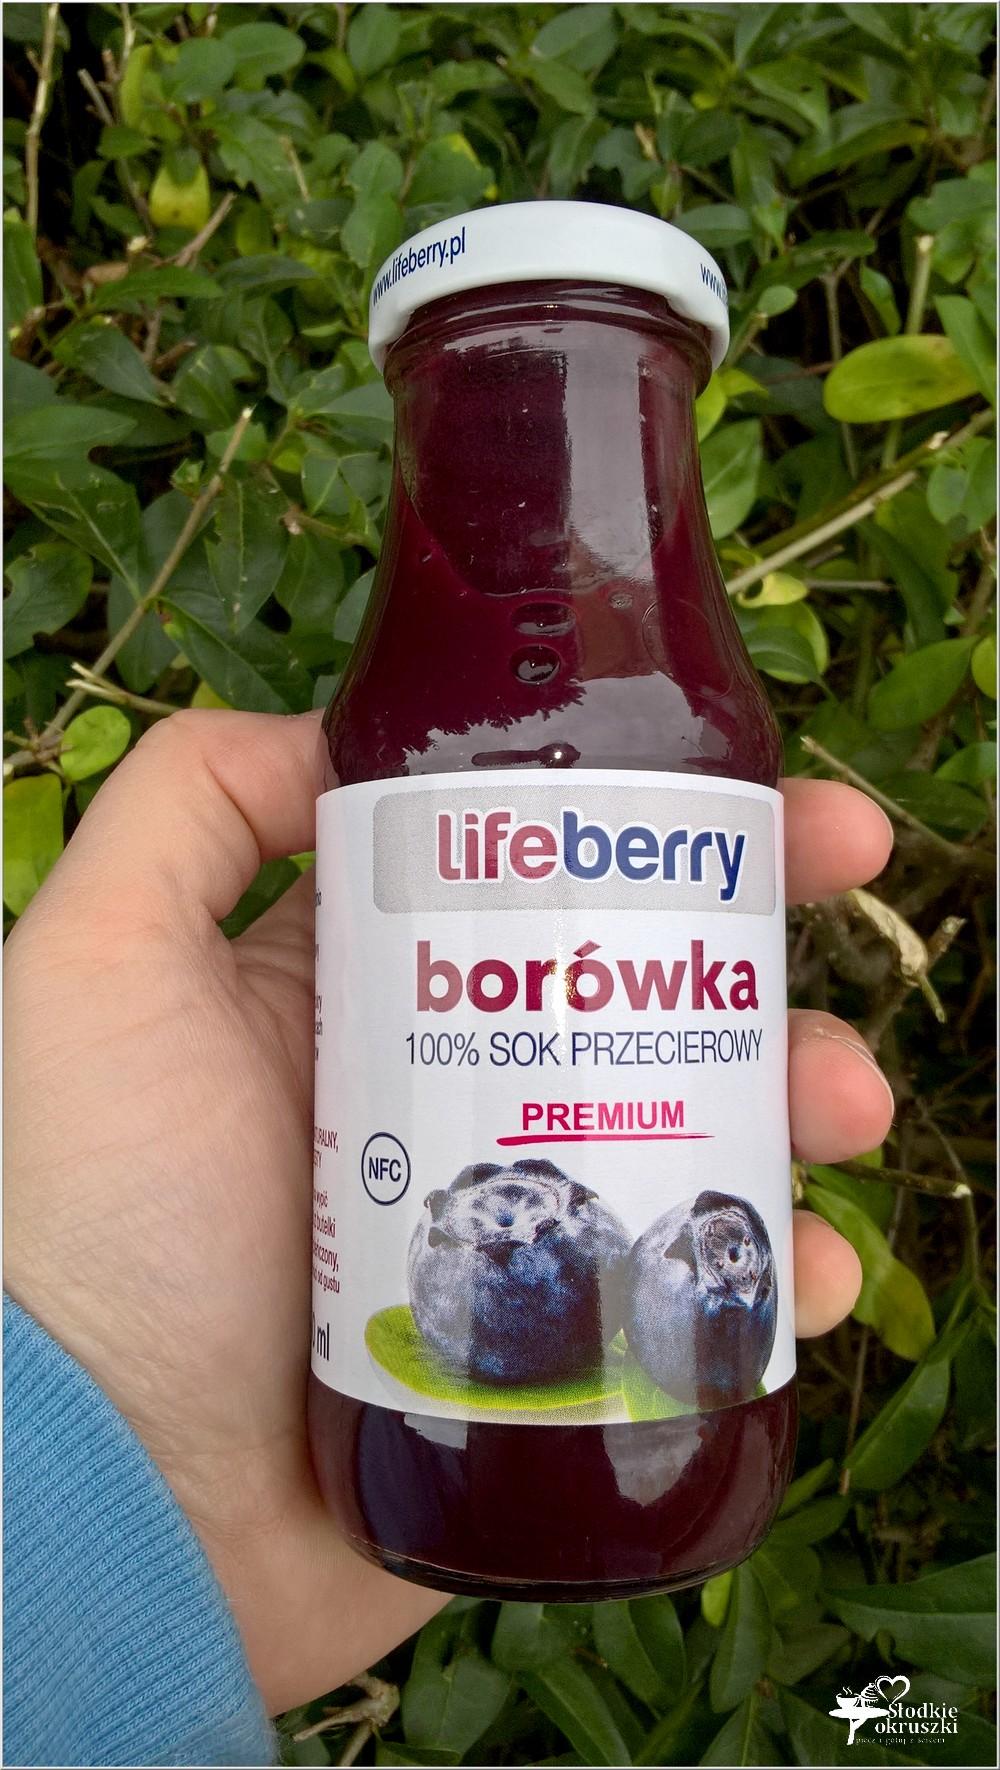 Zdrowo, naturalnie, smacznie. Lifeberry 100% sok przecierowy (2)